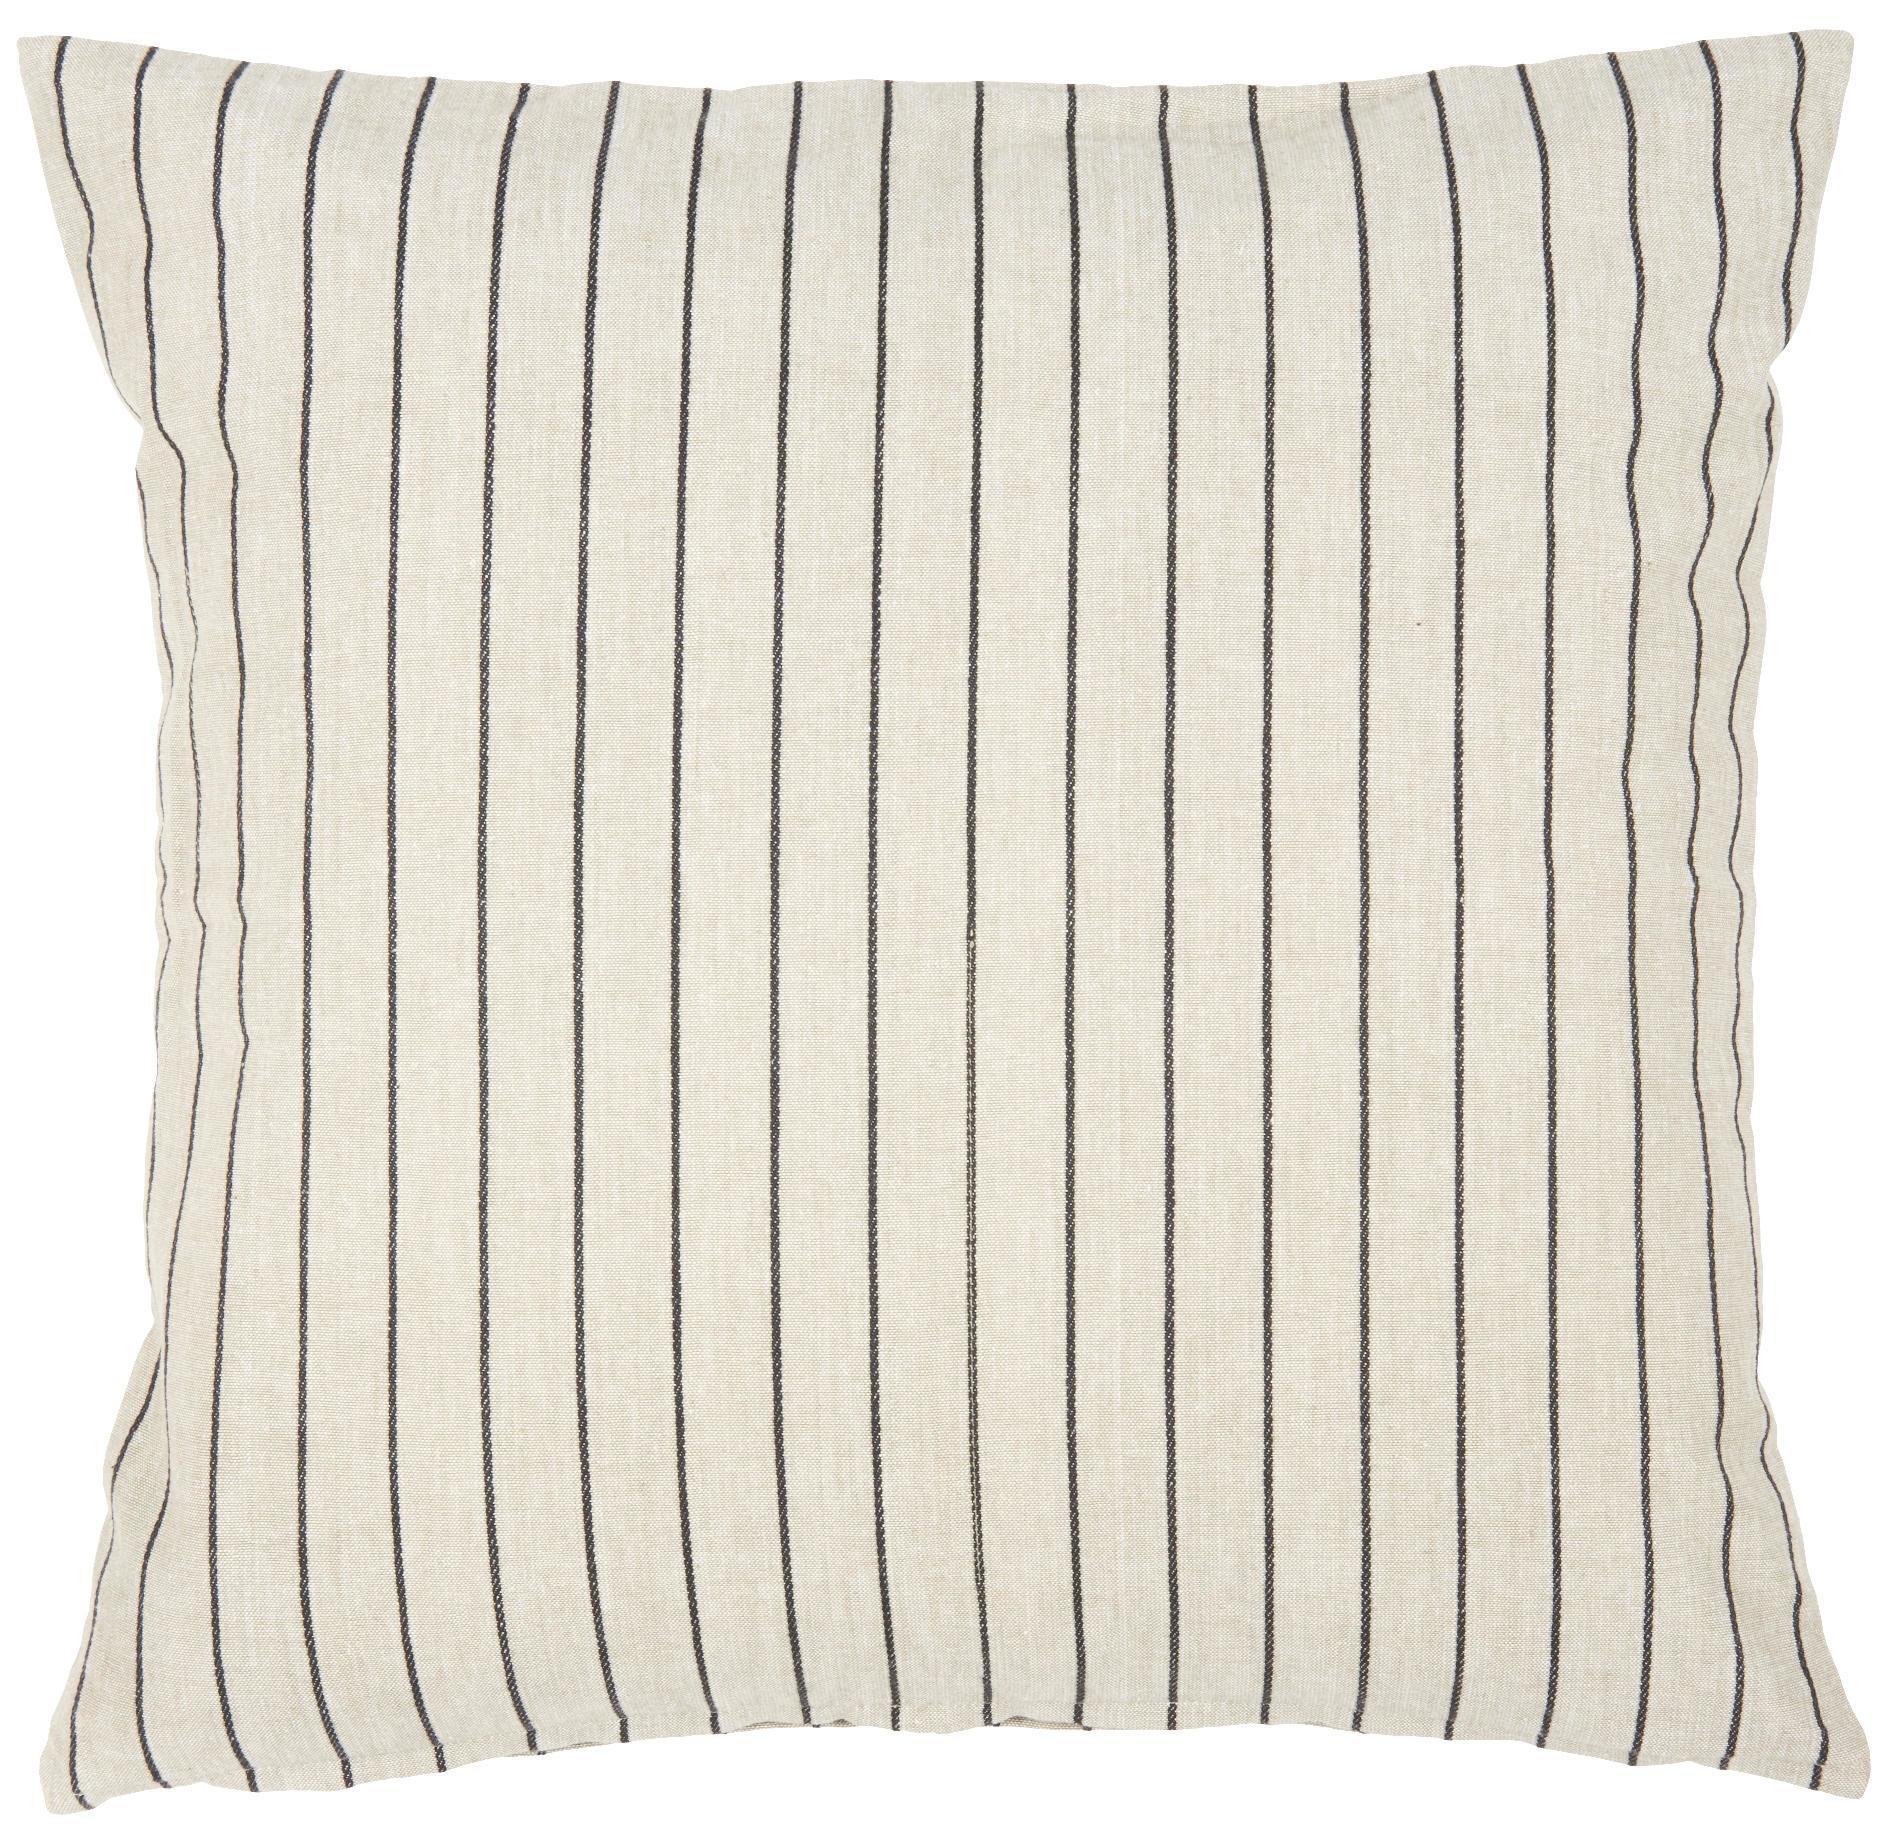 IB LAURSEN Povlak na polštář Beige 50x50, béžová barva, textil